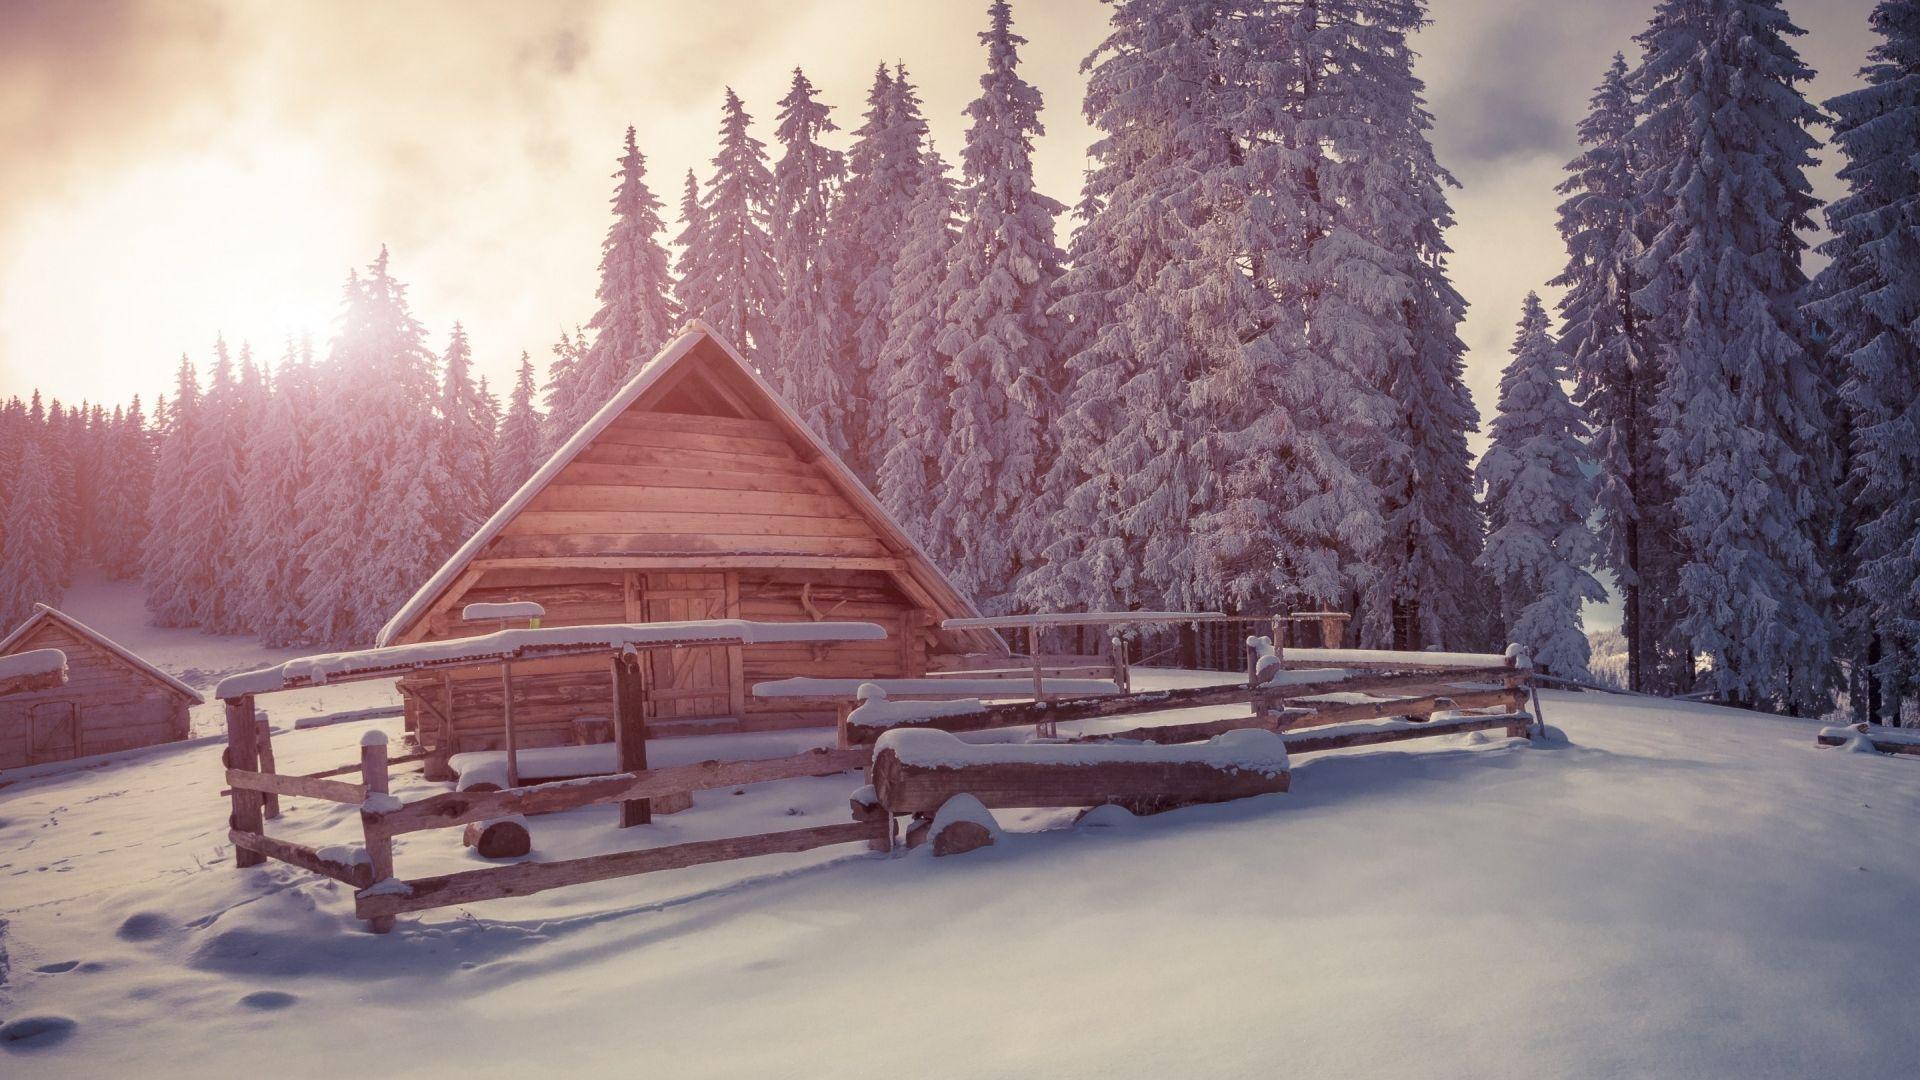 Maison en bois sous la neige 10 000 fonds d 39 cran hd - Source sous la maison ...